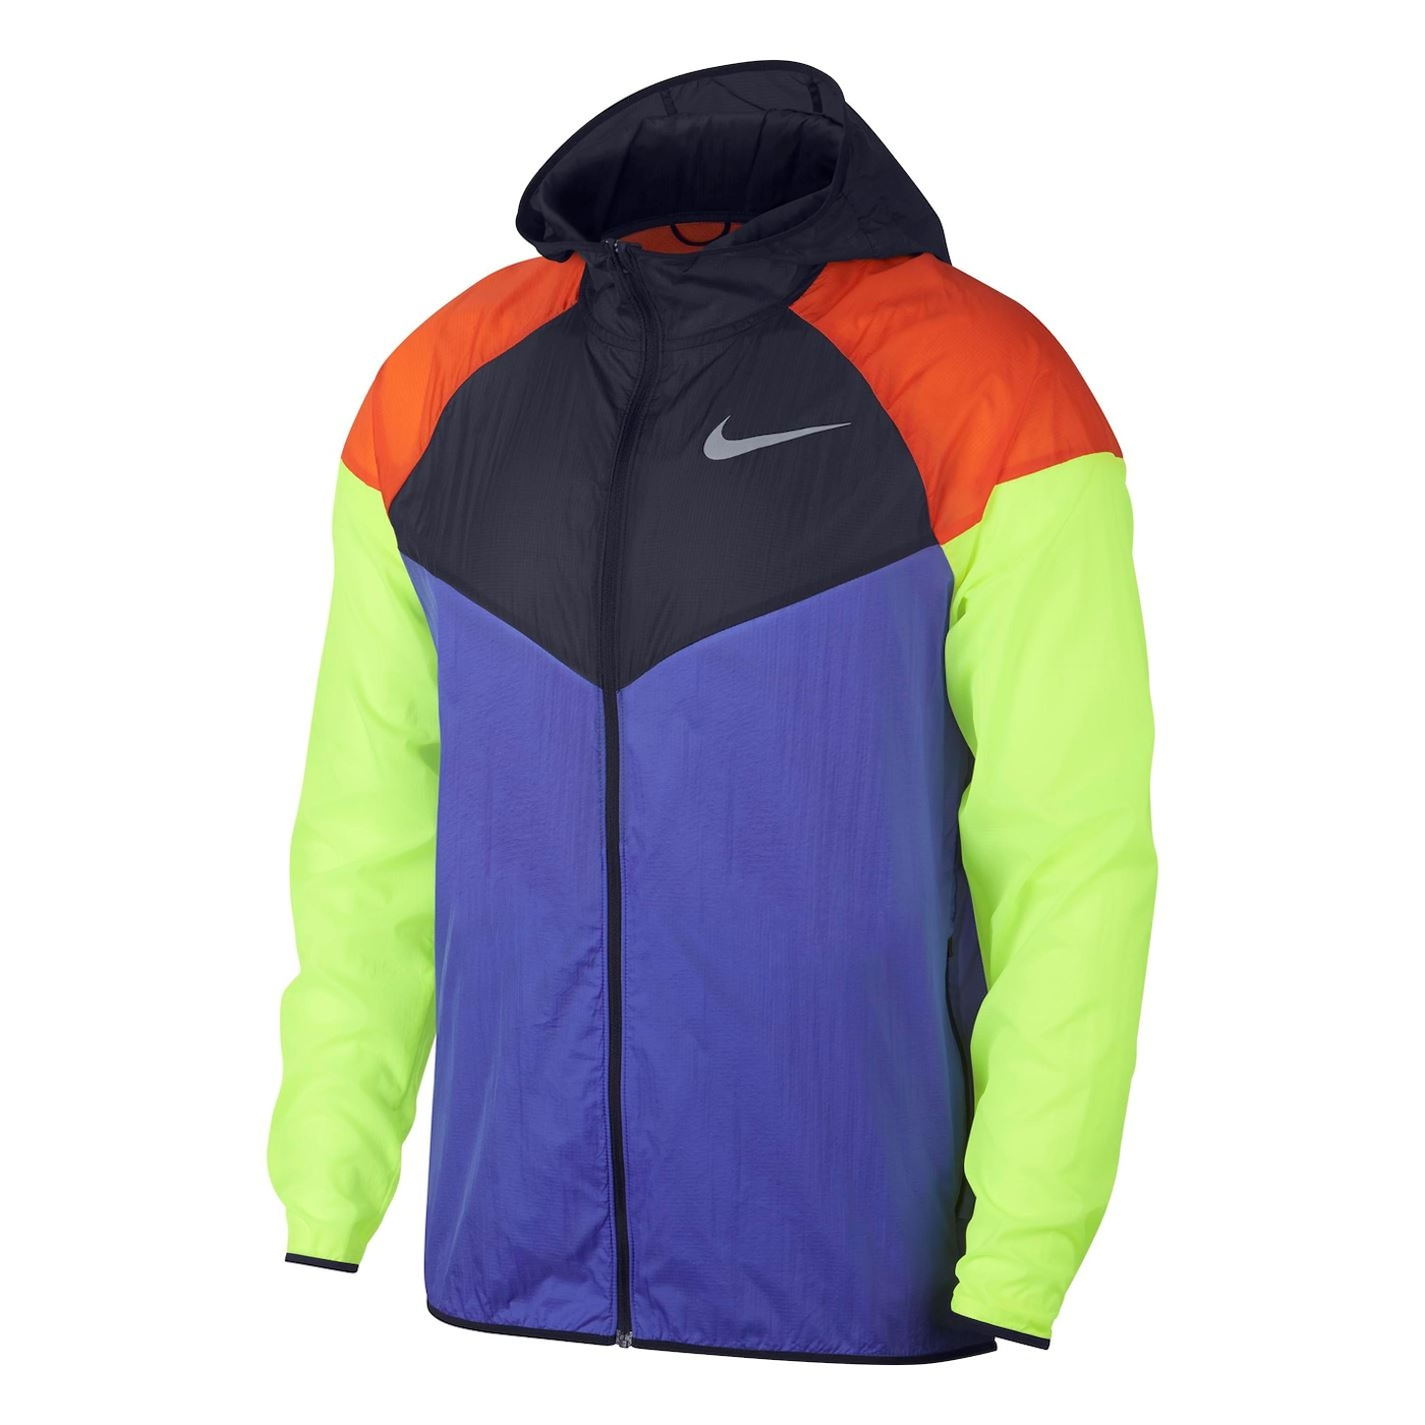 Nike Windrunner pánska bunda